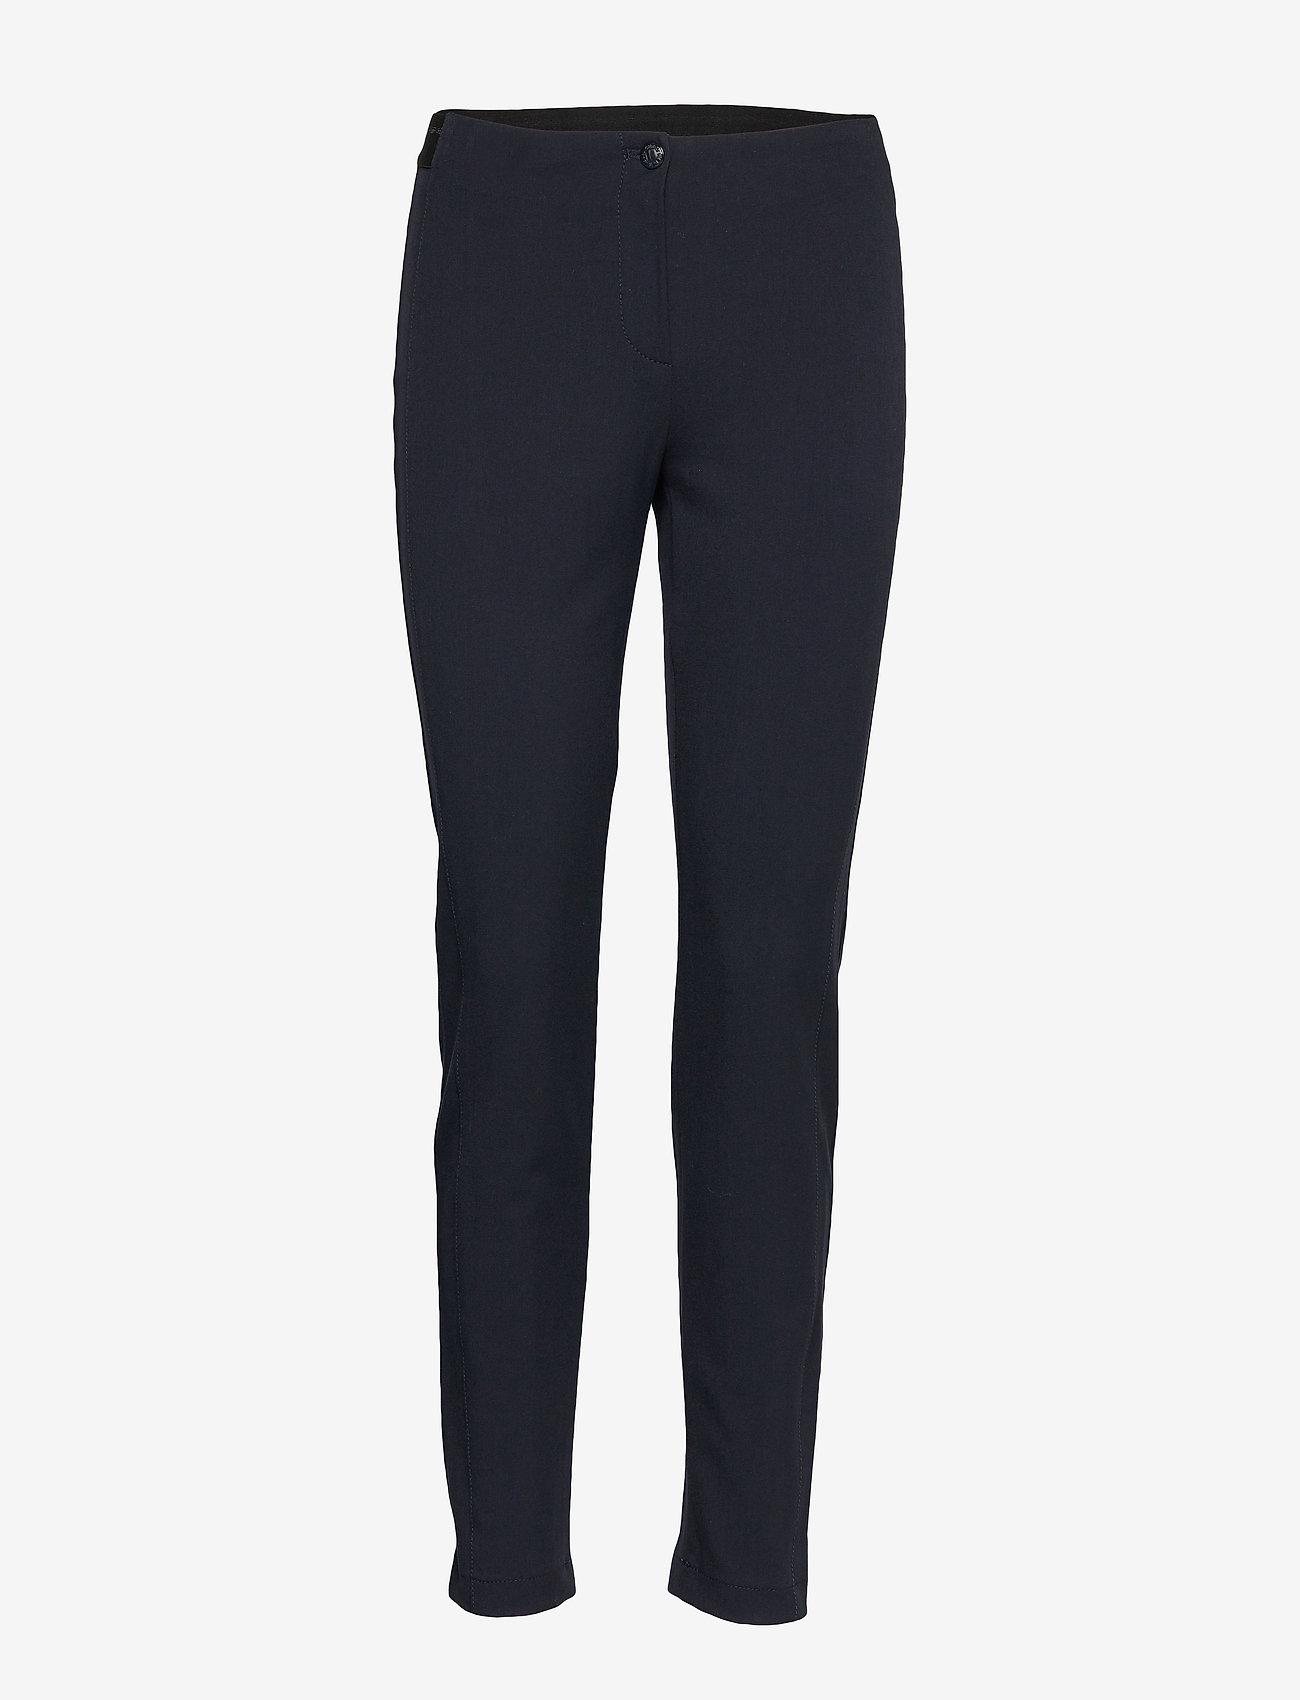 Gerry Weber Edition - CROP LEISURE TROUSER - broeken med skinny fit - navy - 0